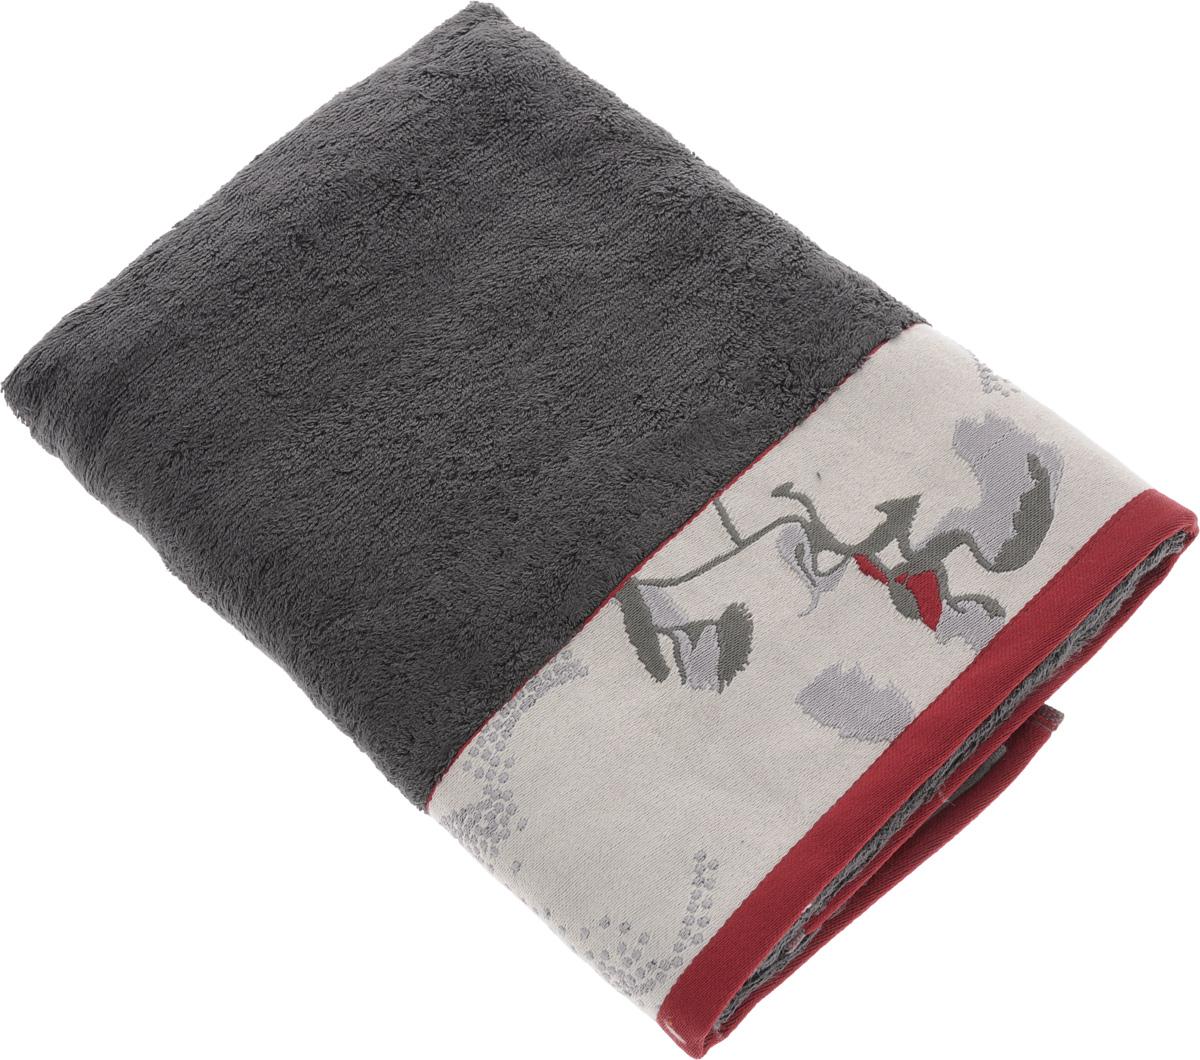 Полотенце Mona Liza Two, цвет: графит, светло-серый, красный, 70 х 140 см68/5/1Мягкое полотенце Two изготовлено из 30% хлопка и 70% бамбукового волокна. Полотенце Two с жаккардовым бордюром обладает высокой впитывающей способностью и сочетает в себе элегантную роскошь и практичность. Благодаря высокому качеству изготовления, полотенце будет радовать вас многие годы. Мотивы коллекции Mona Liza Premium bu Serg Look навеяны итальянскими фресками эпохи Ренессанса, периода удивительной гармонии в искусстве. В представленной коллекции для нанесения на ткань рисунка применяется многоцветная печать, метод реактивного крашения, который позволяет создать уникальную цветовую гамму, напоминающую старинные фрески. Этот метод также обеспечивает высокую устойчивость краски при стирке.